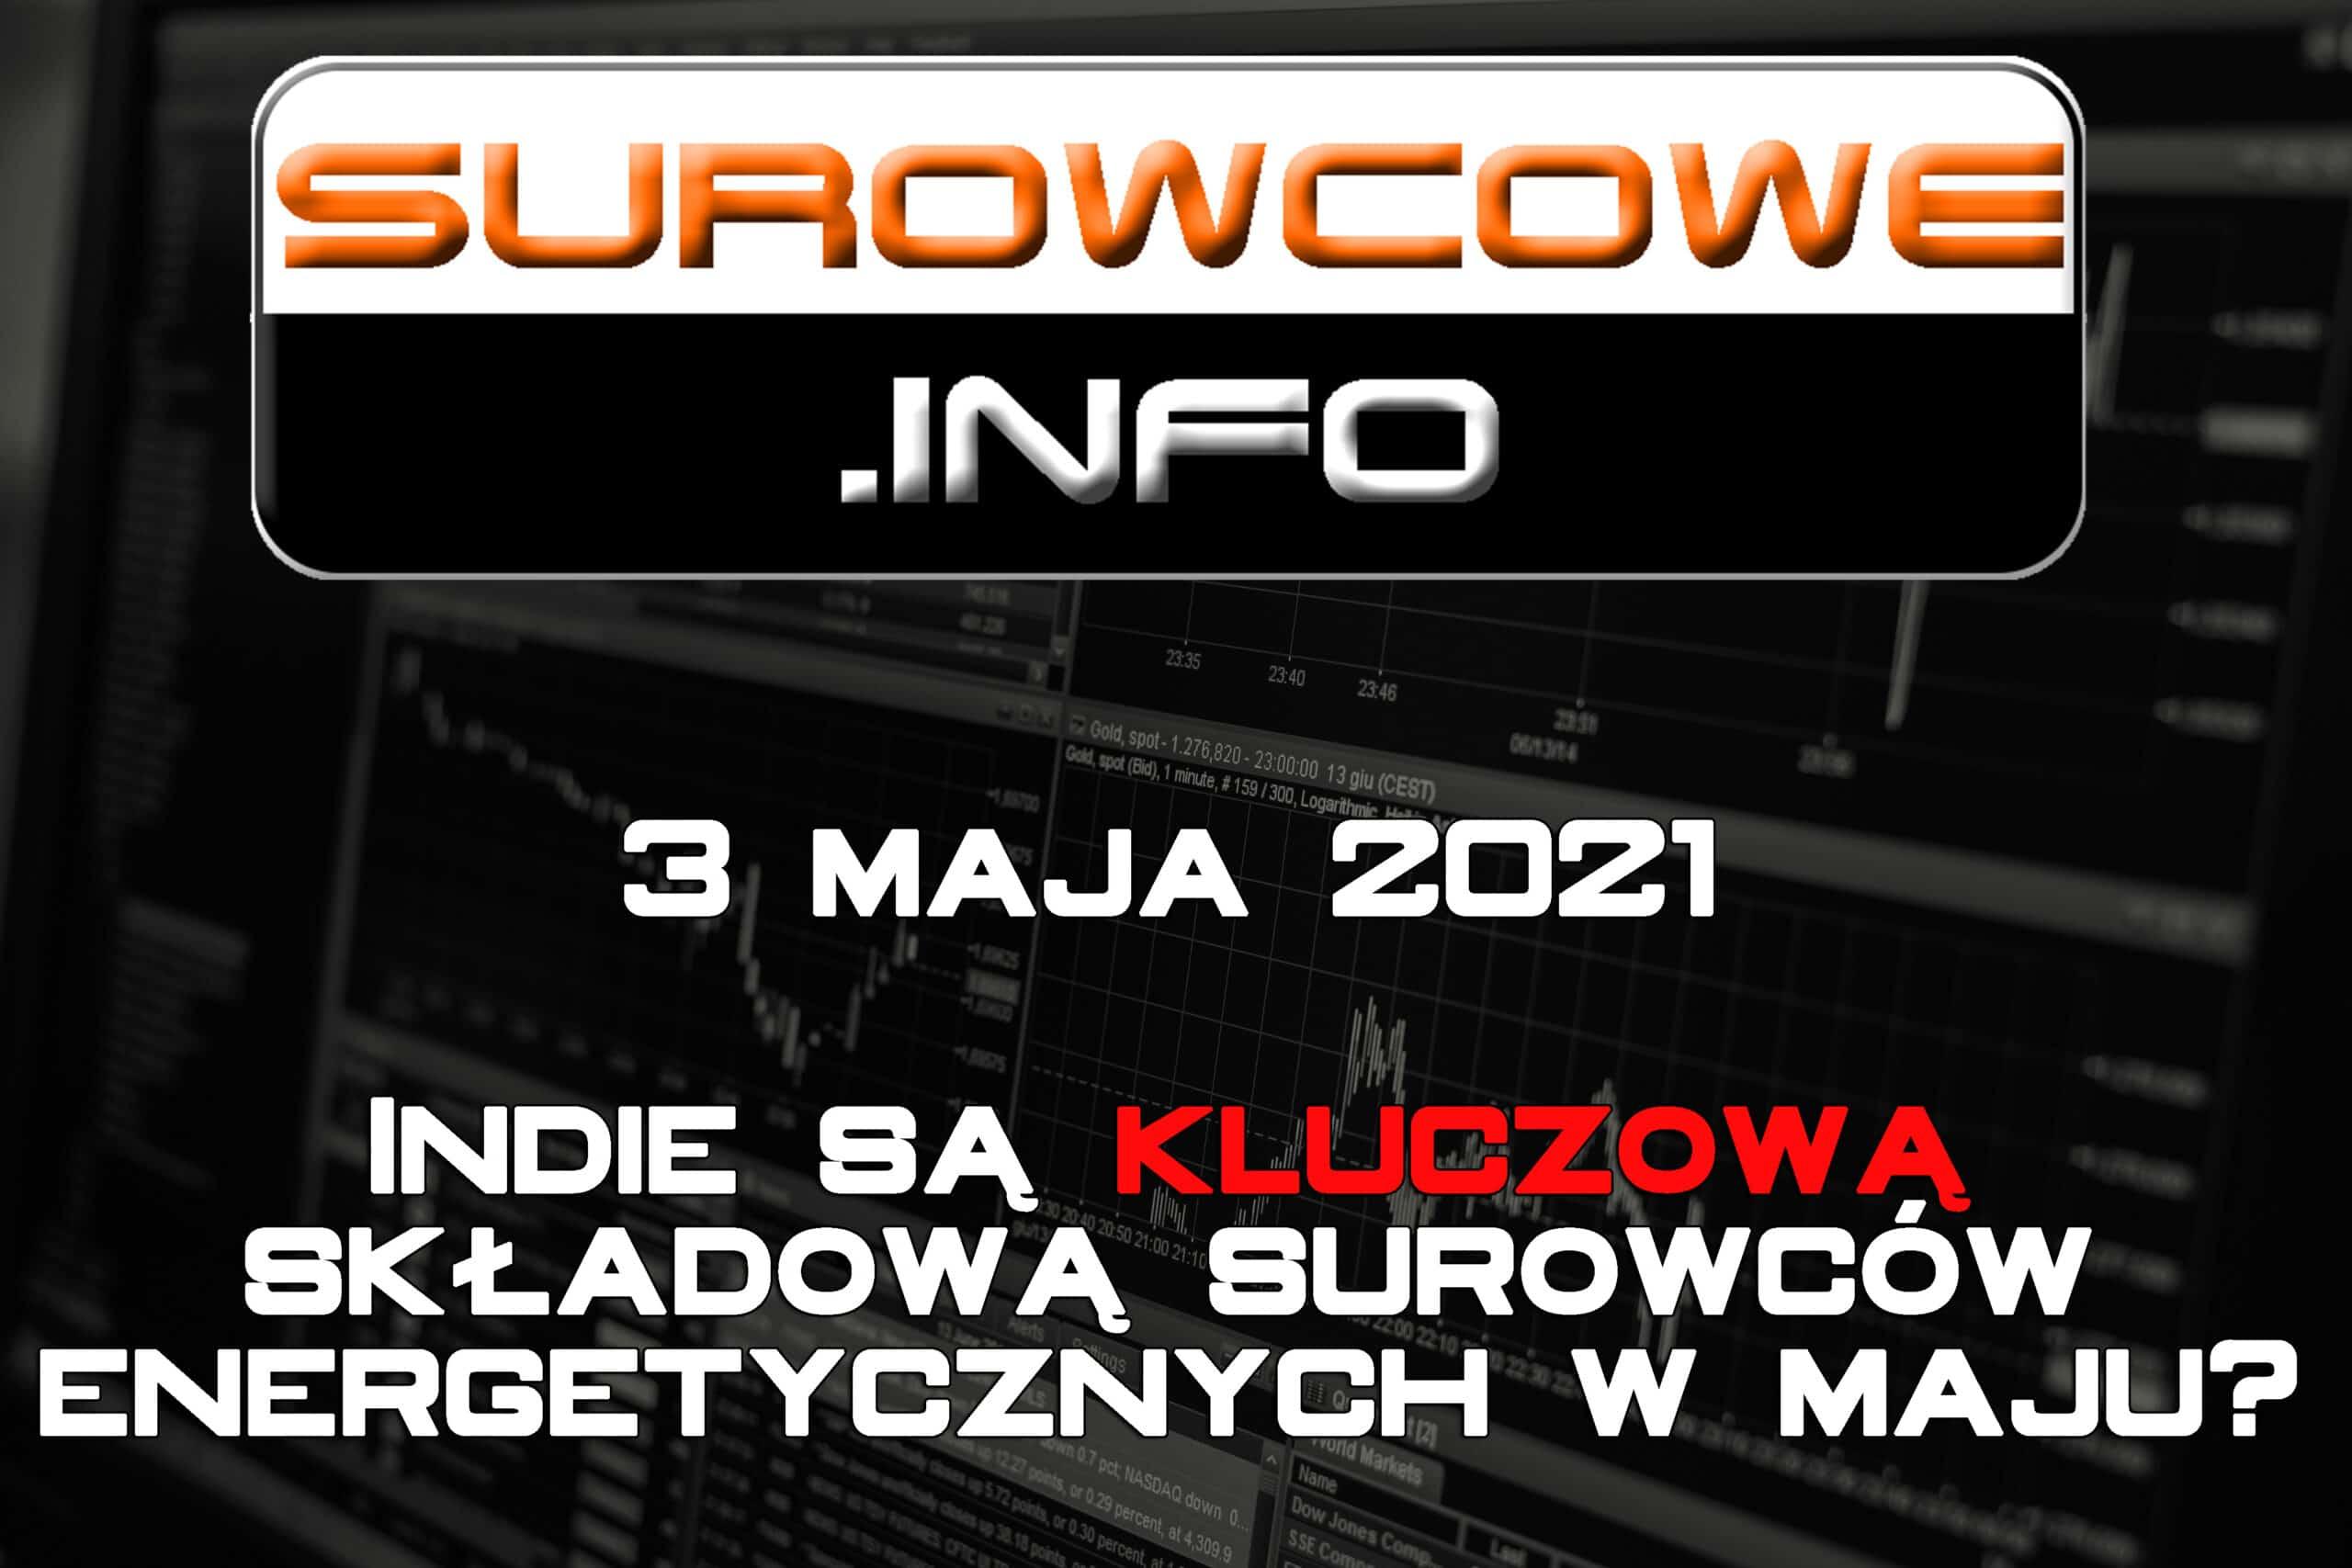 Surowcowe.info 3 maja 2021